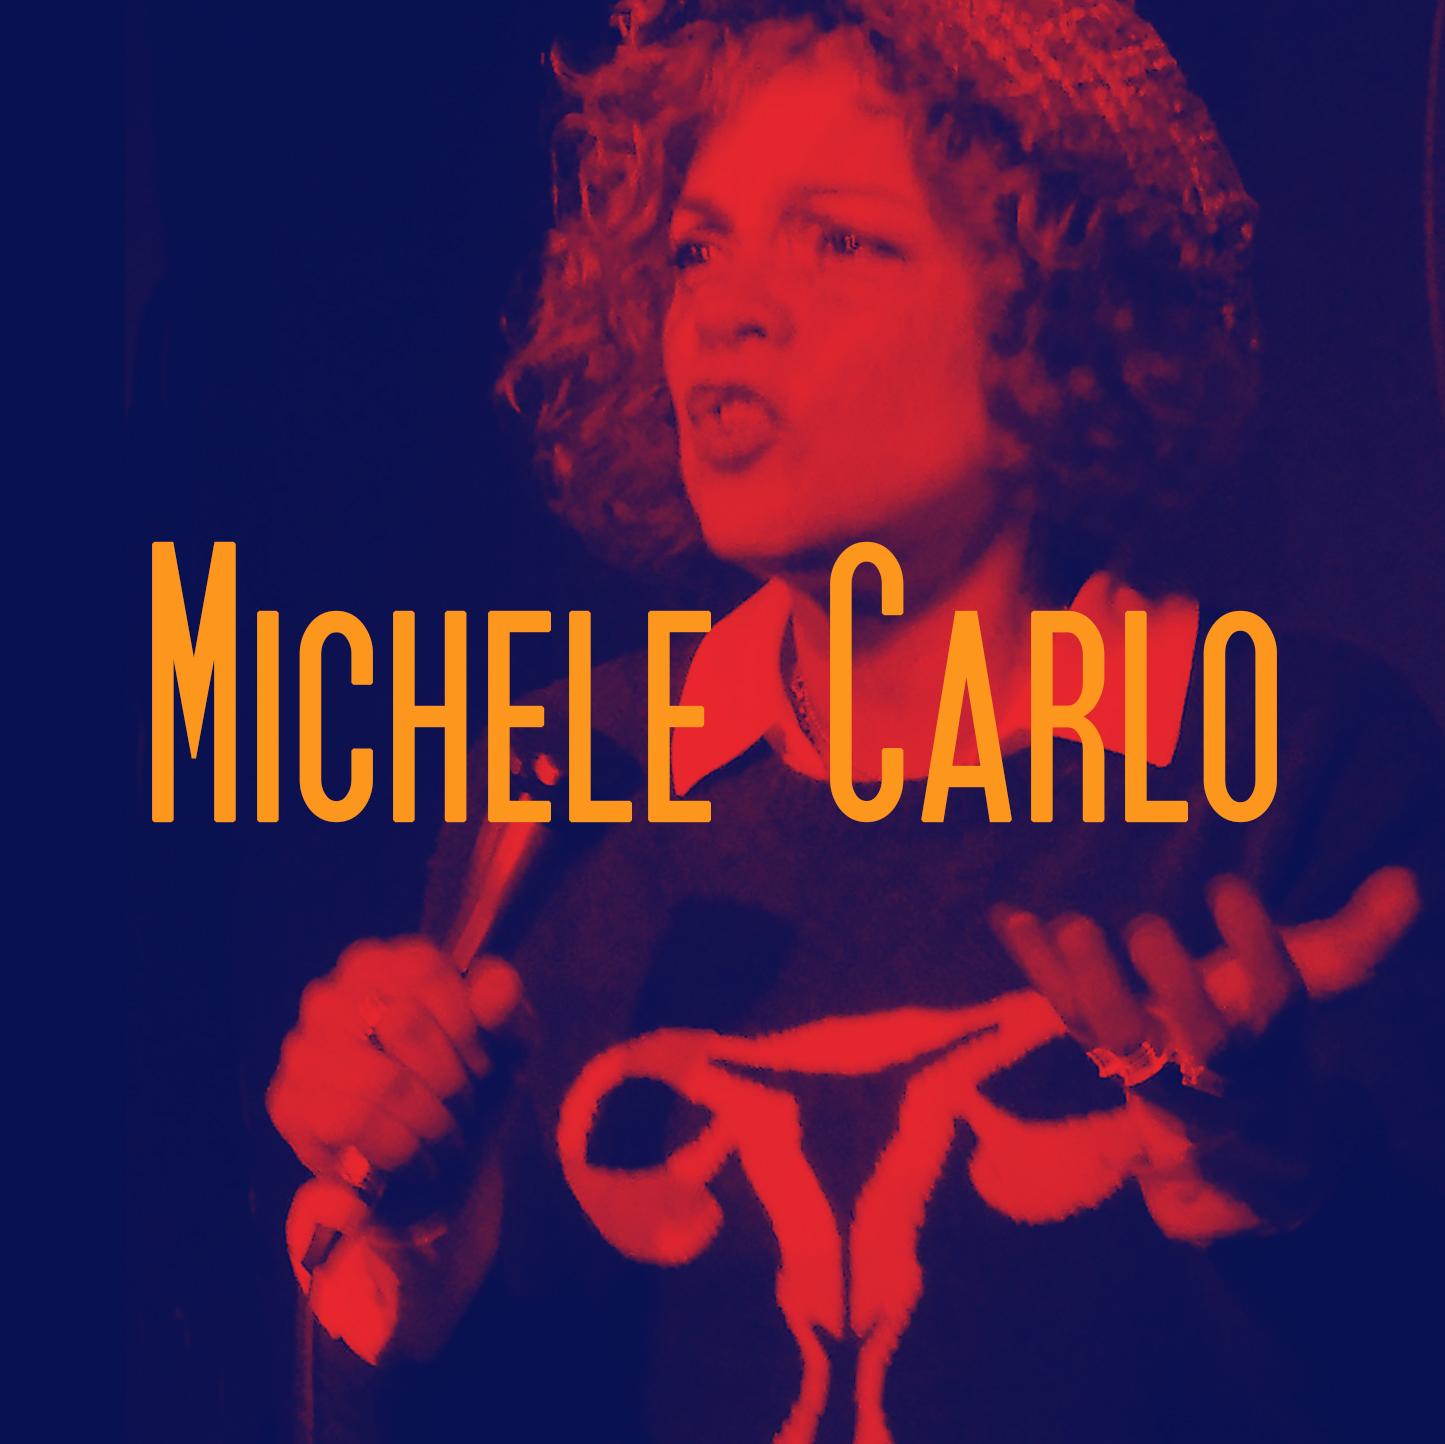 Michele.jpg